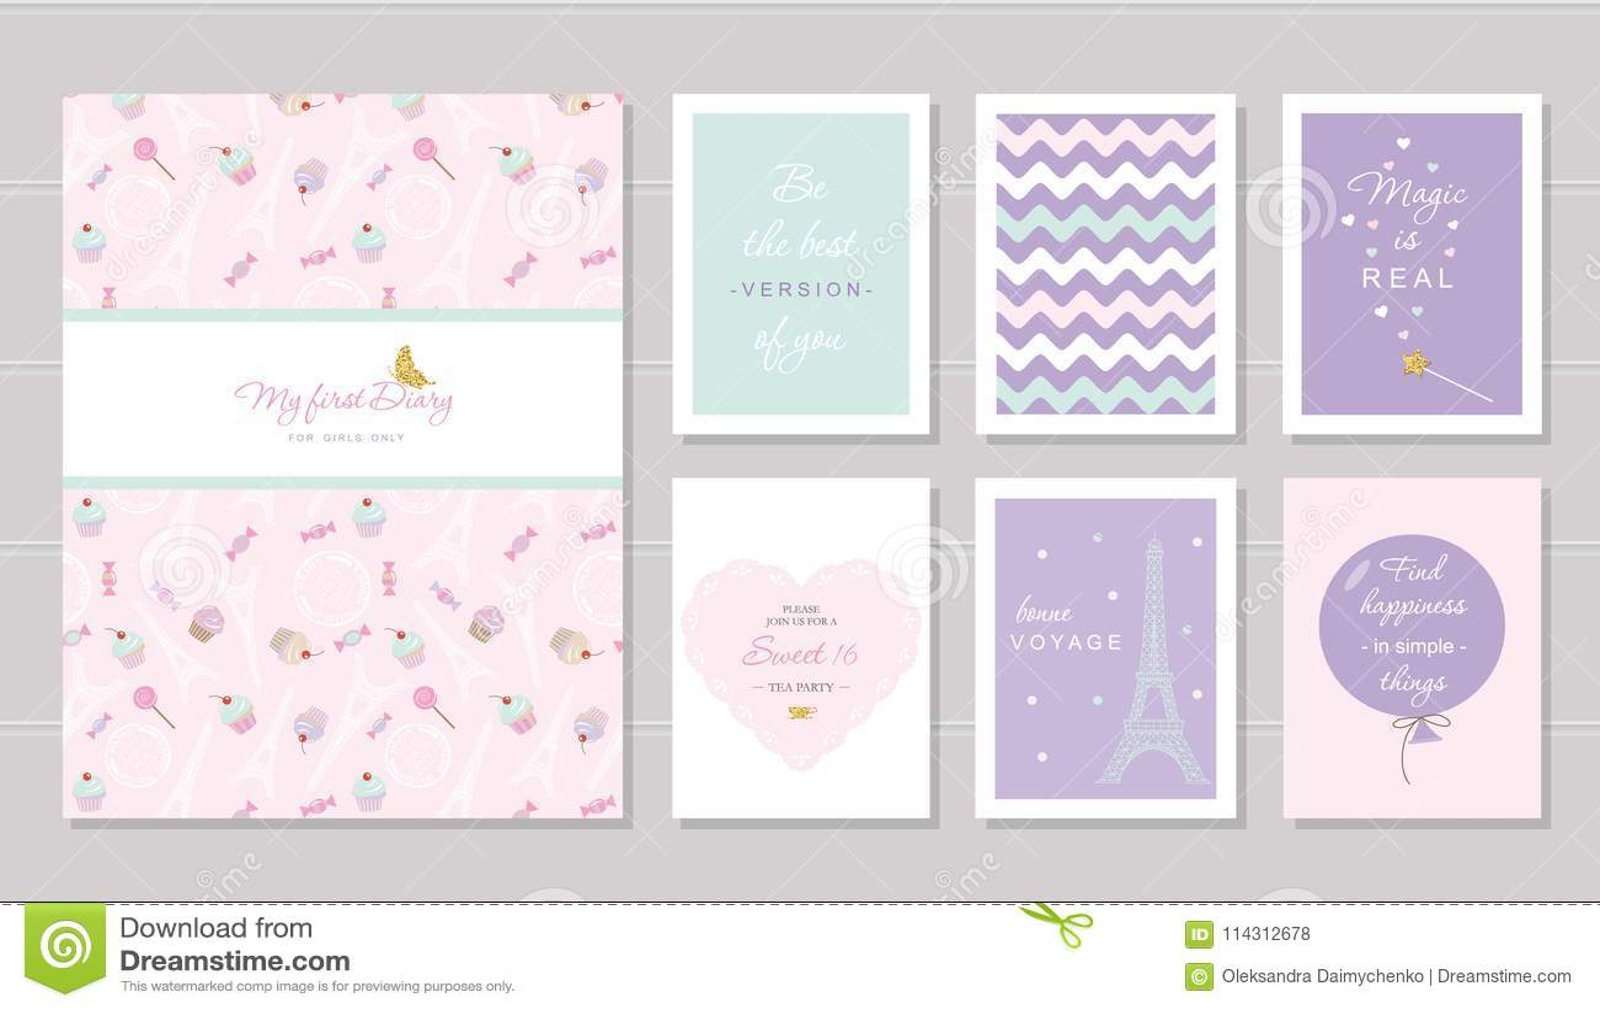 Bezaubernd Kluge Zitate Dekoration Von Notizbuchabdeckung Und Kartendesign Für Jugendlichen Paris-thema, Enthaltenes